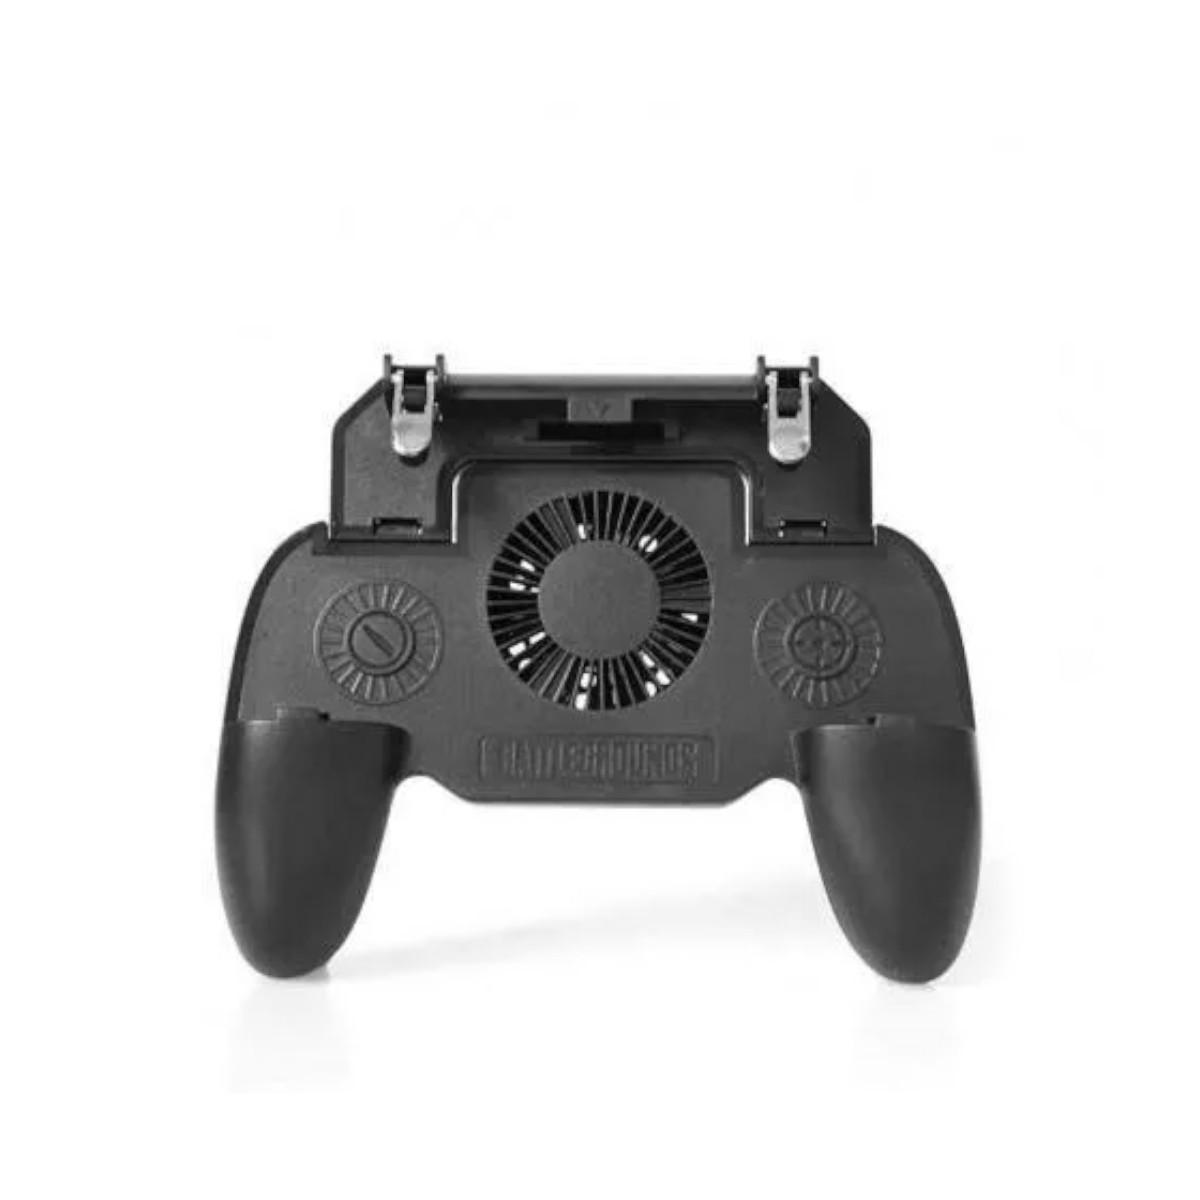 Controle Gamepad com Cooler Ventilador Power Bank de 2000mAh Gatilho Pubg